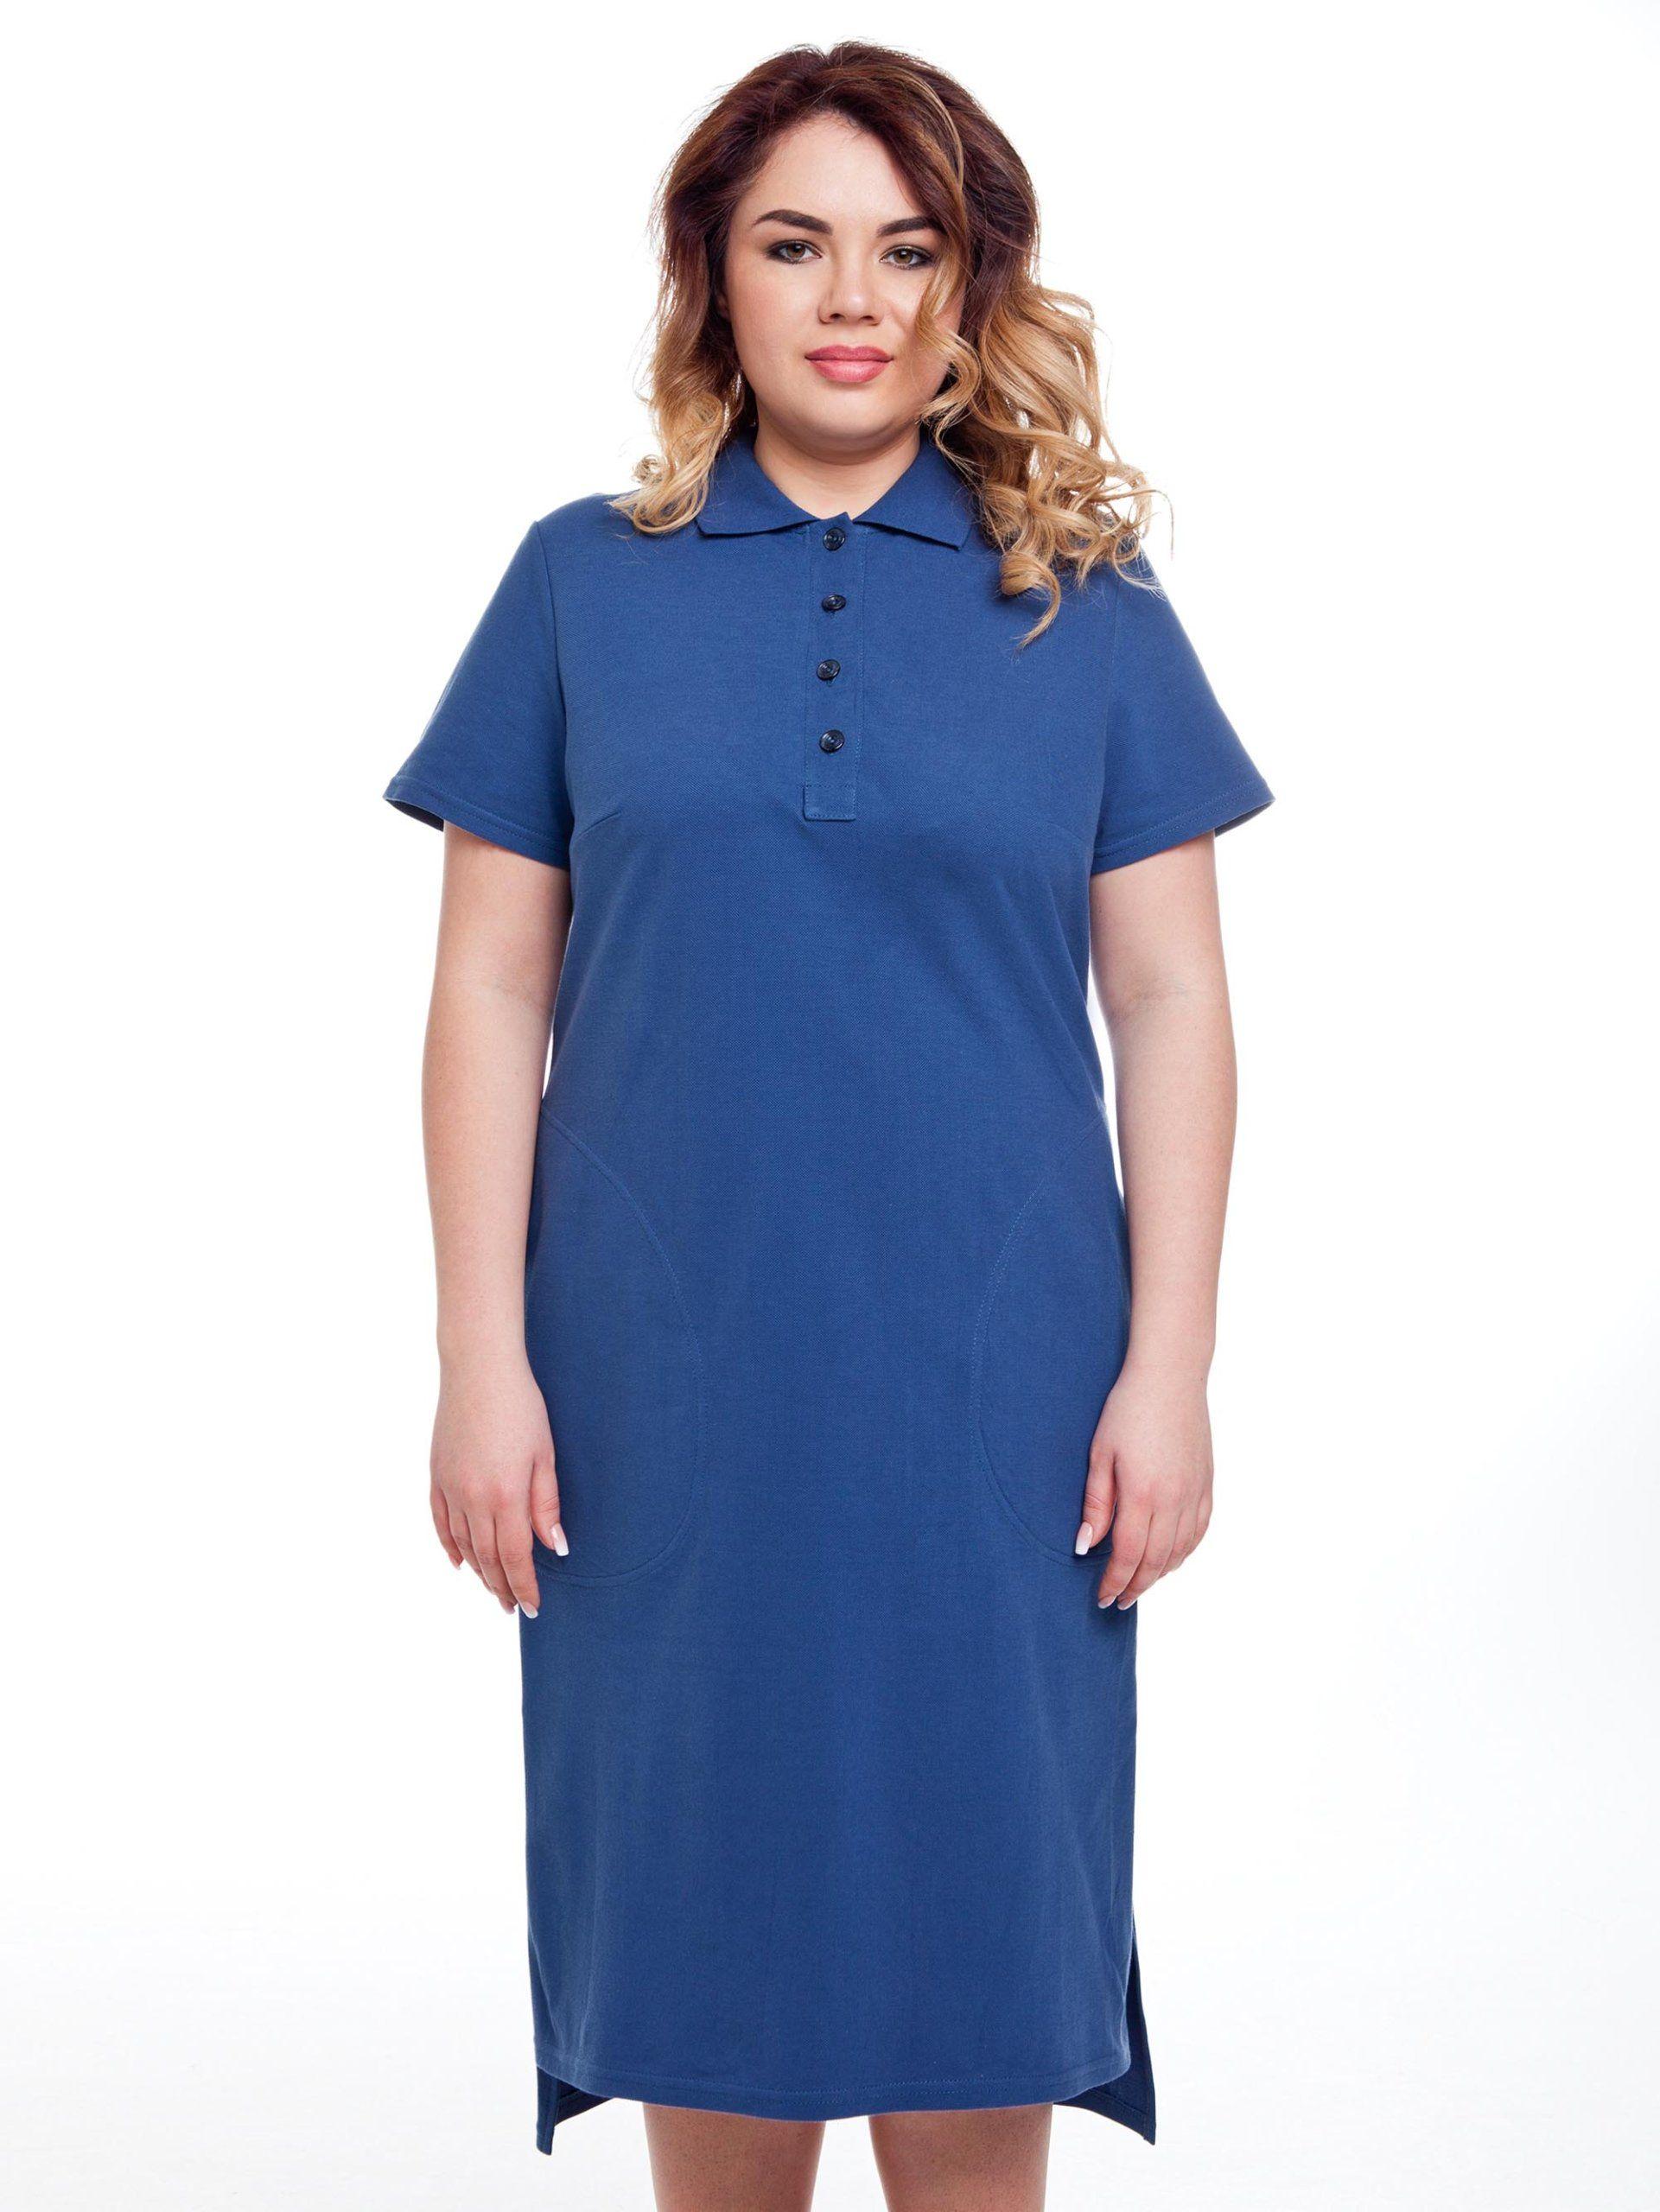 37fae62787 Modna Sportowa sukienka tuszująca Polo R  46 XXL - 7308526410 ...